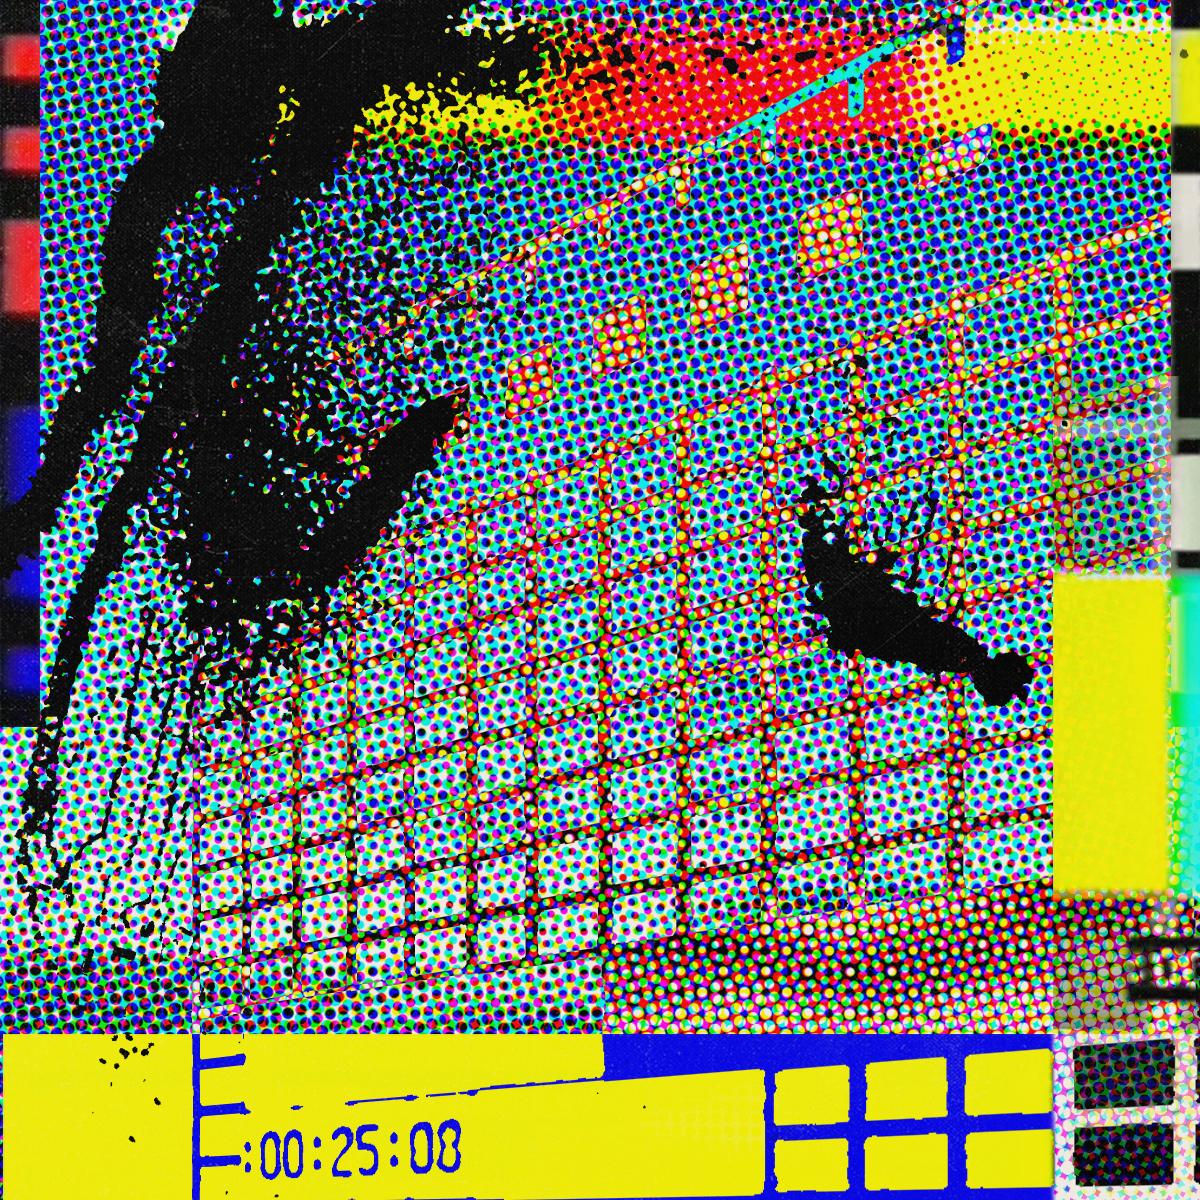 Frank_Insta_133.jpg